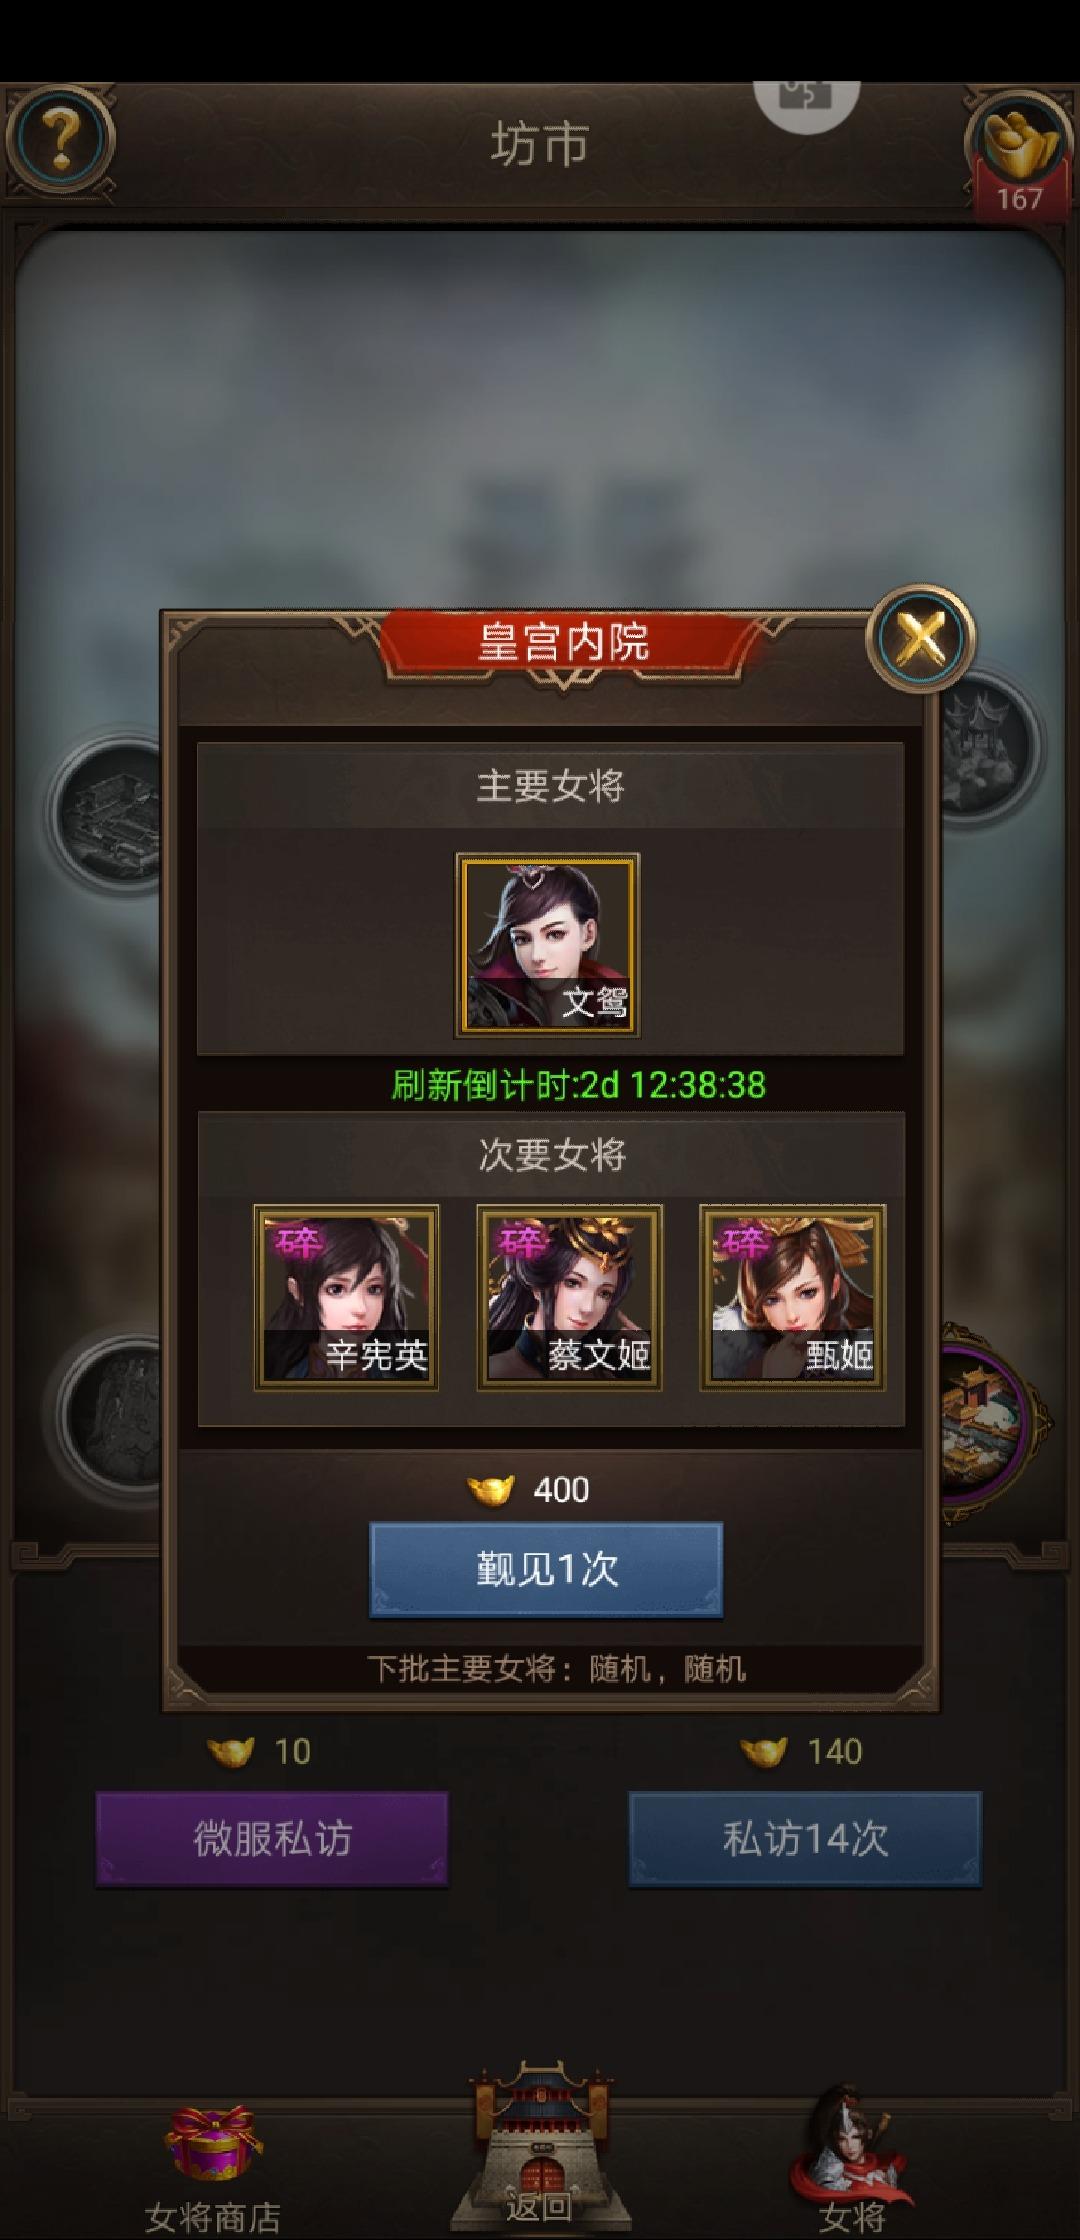 Screenshot_20191209_162123_juedi.tatuyin.rxsg.huawei.jpg